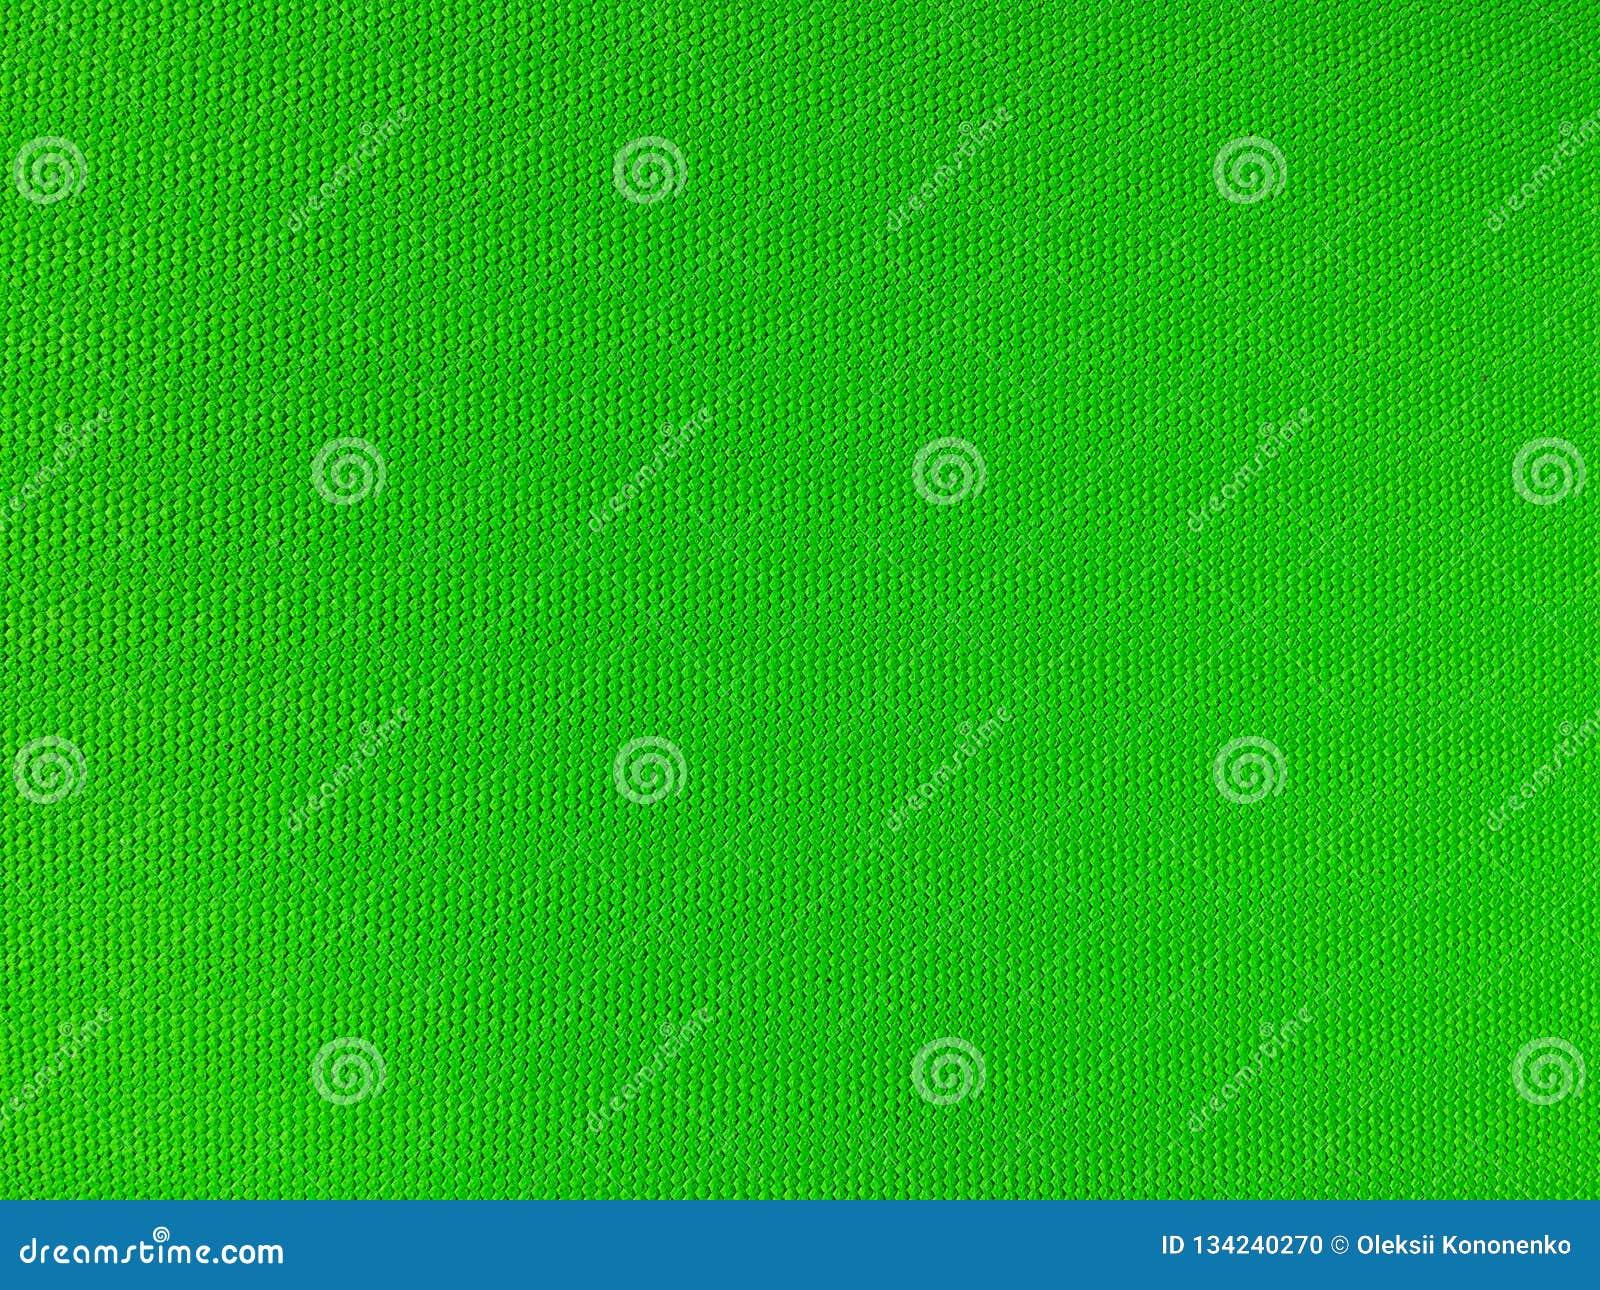 Gumy powierzchnia, tekstura z krostami, gumy powierzchnia, gumowy aliaż, granulacyjna tekstura, trudna tekstura, zieleń ekran